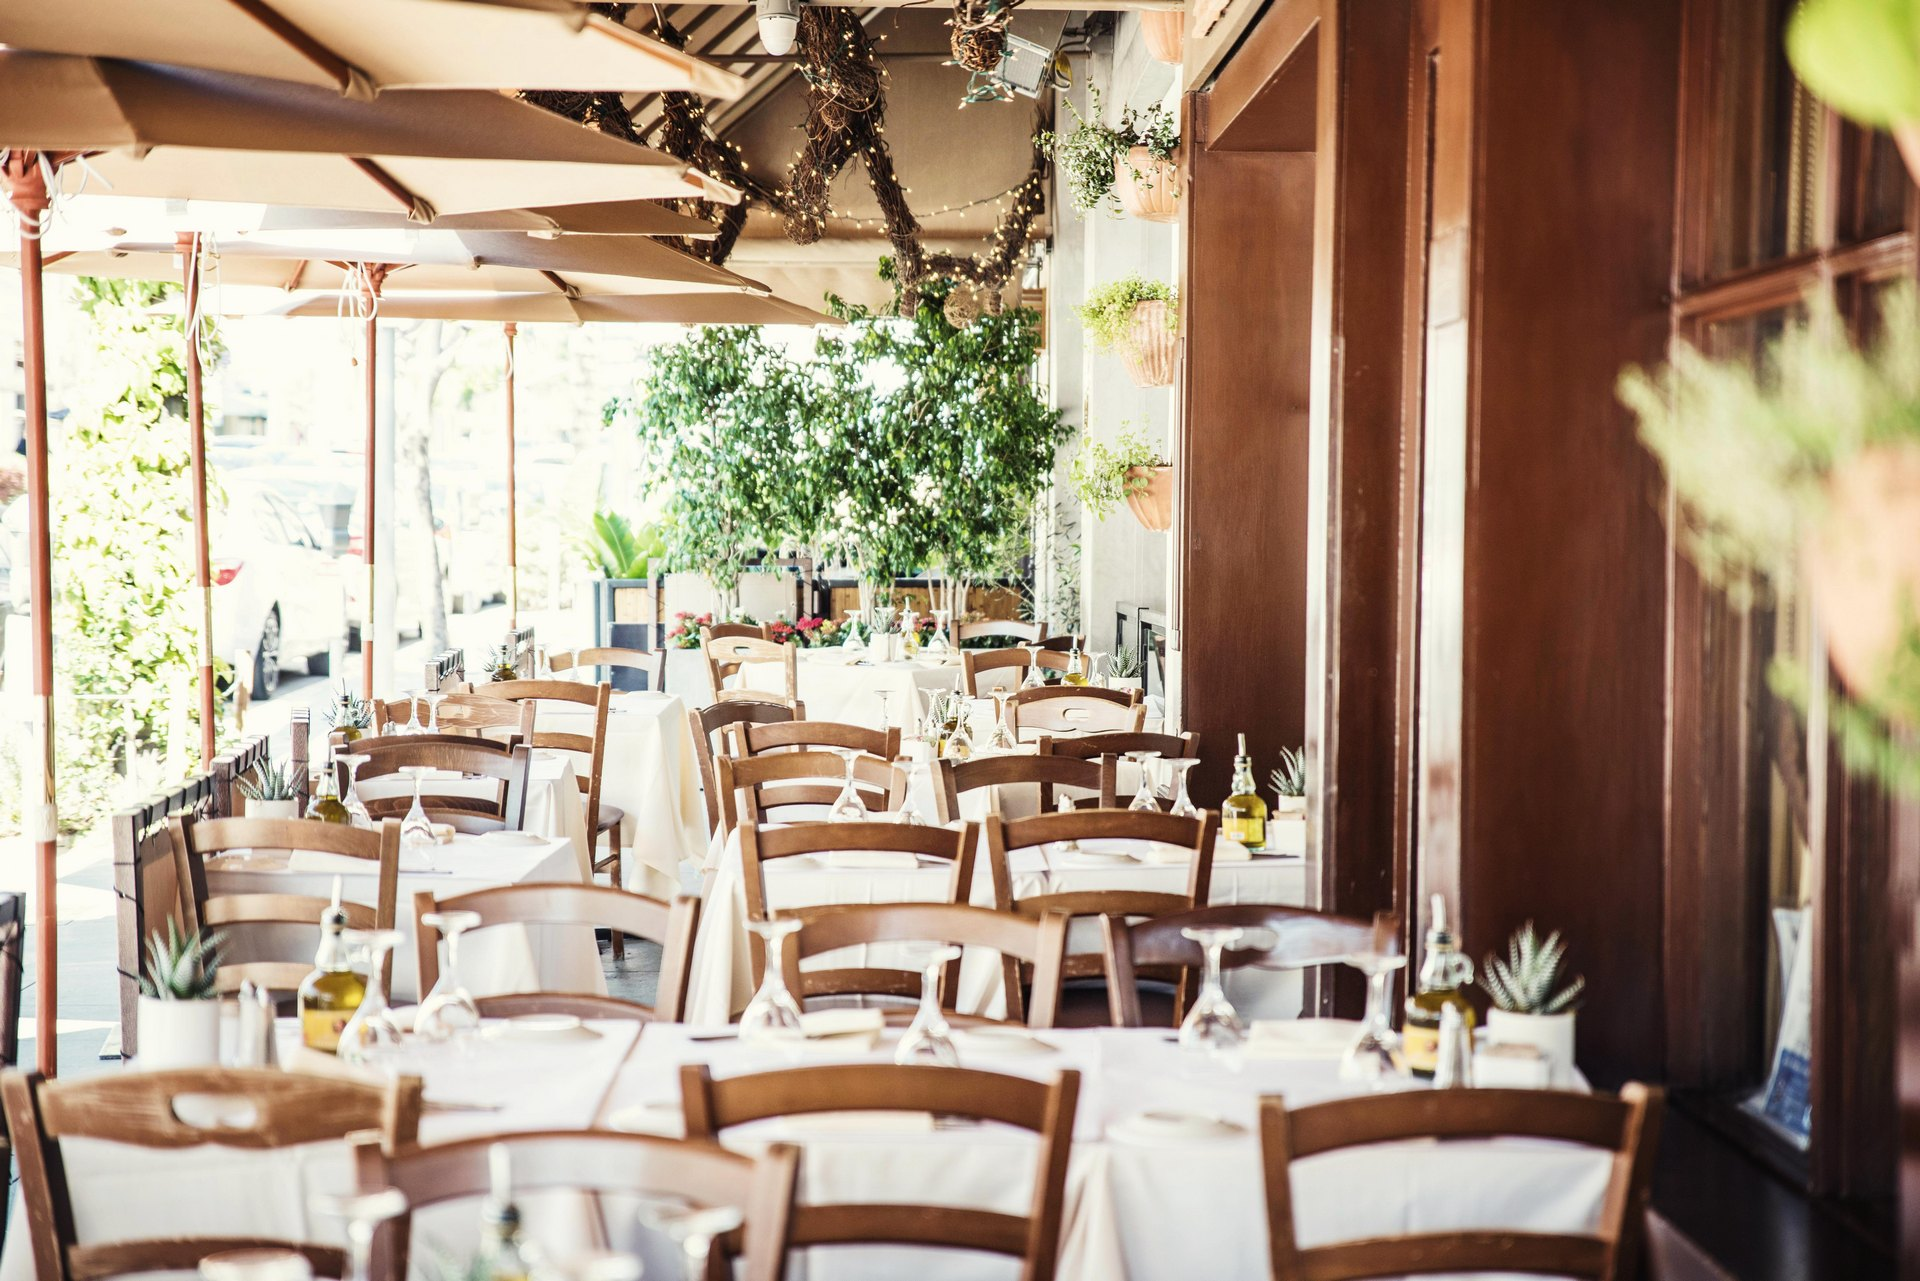 Il Pastaio Restaurant | Outside Patio-1714264021